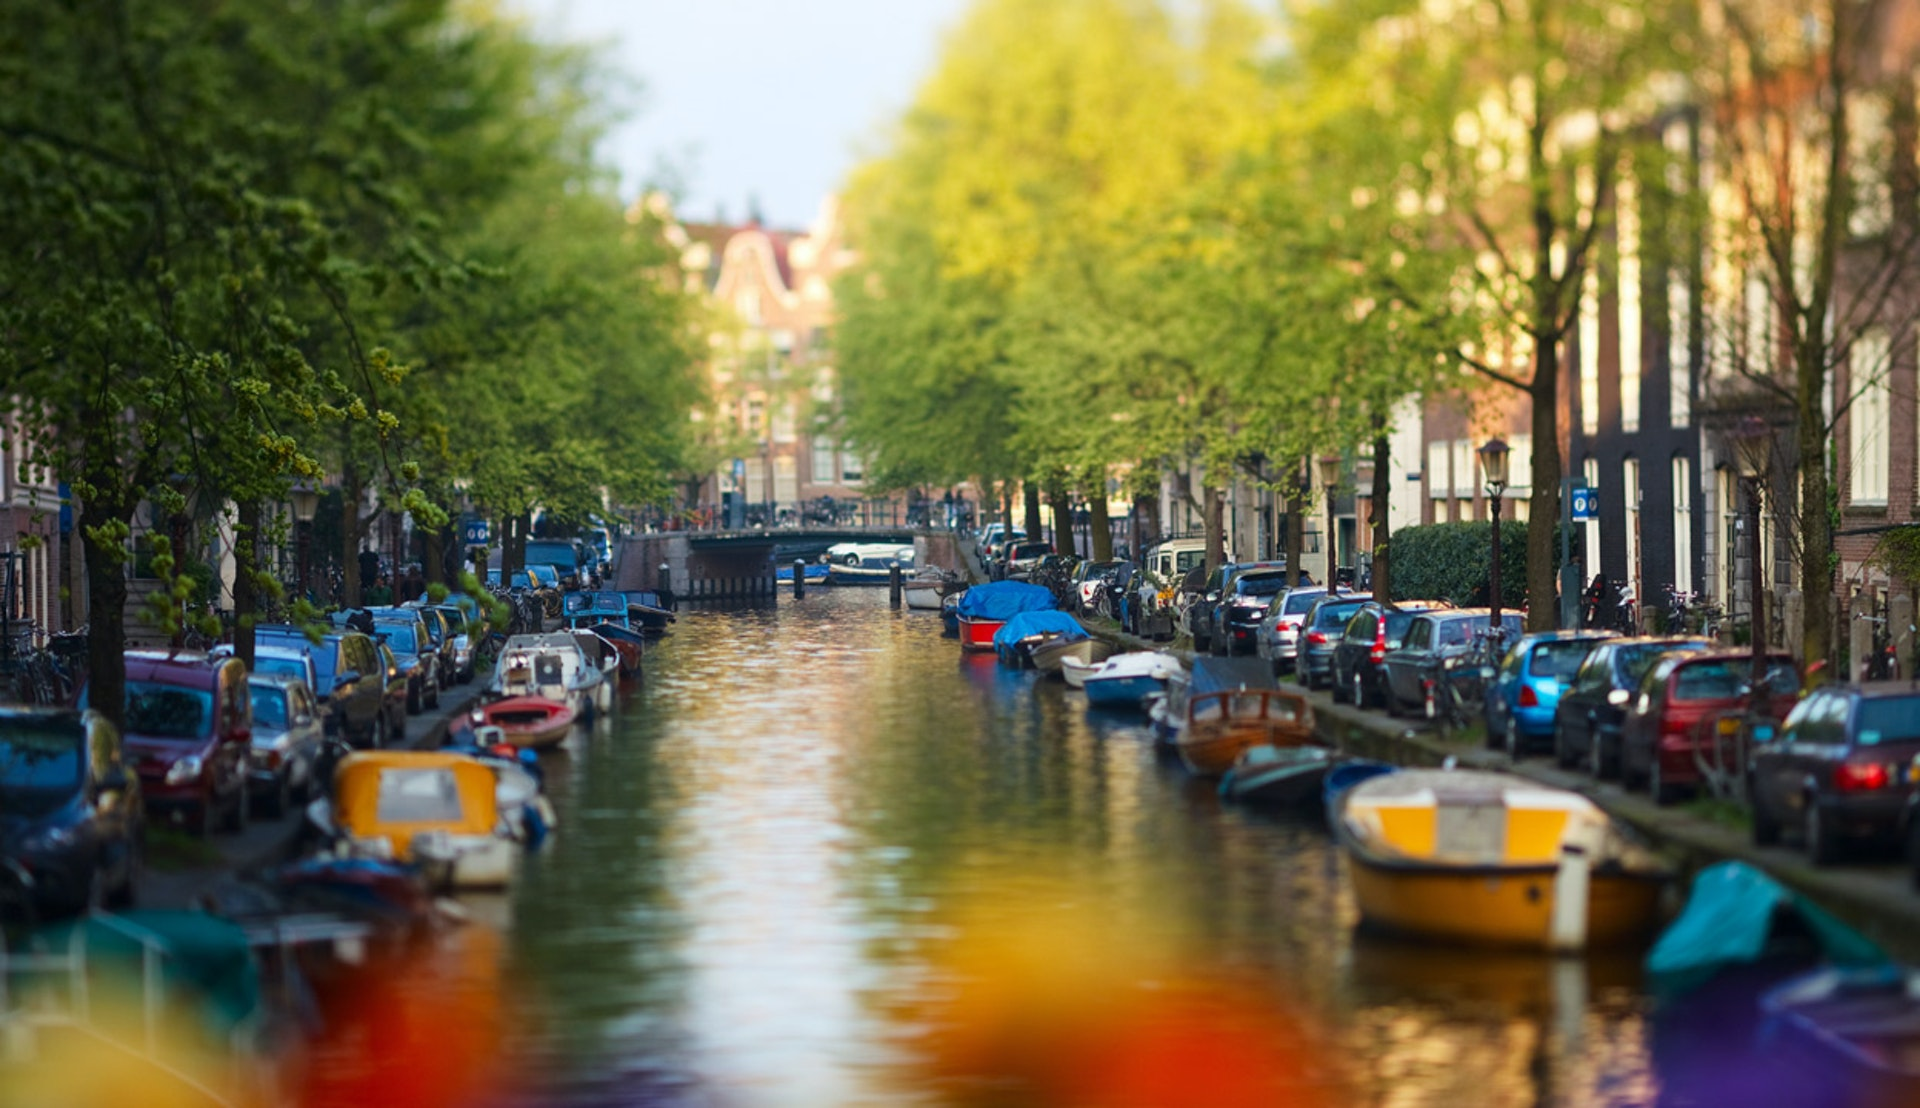 Kanal fylld med båtar i Amsterdam.